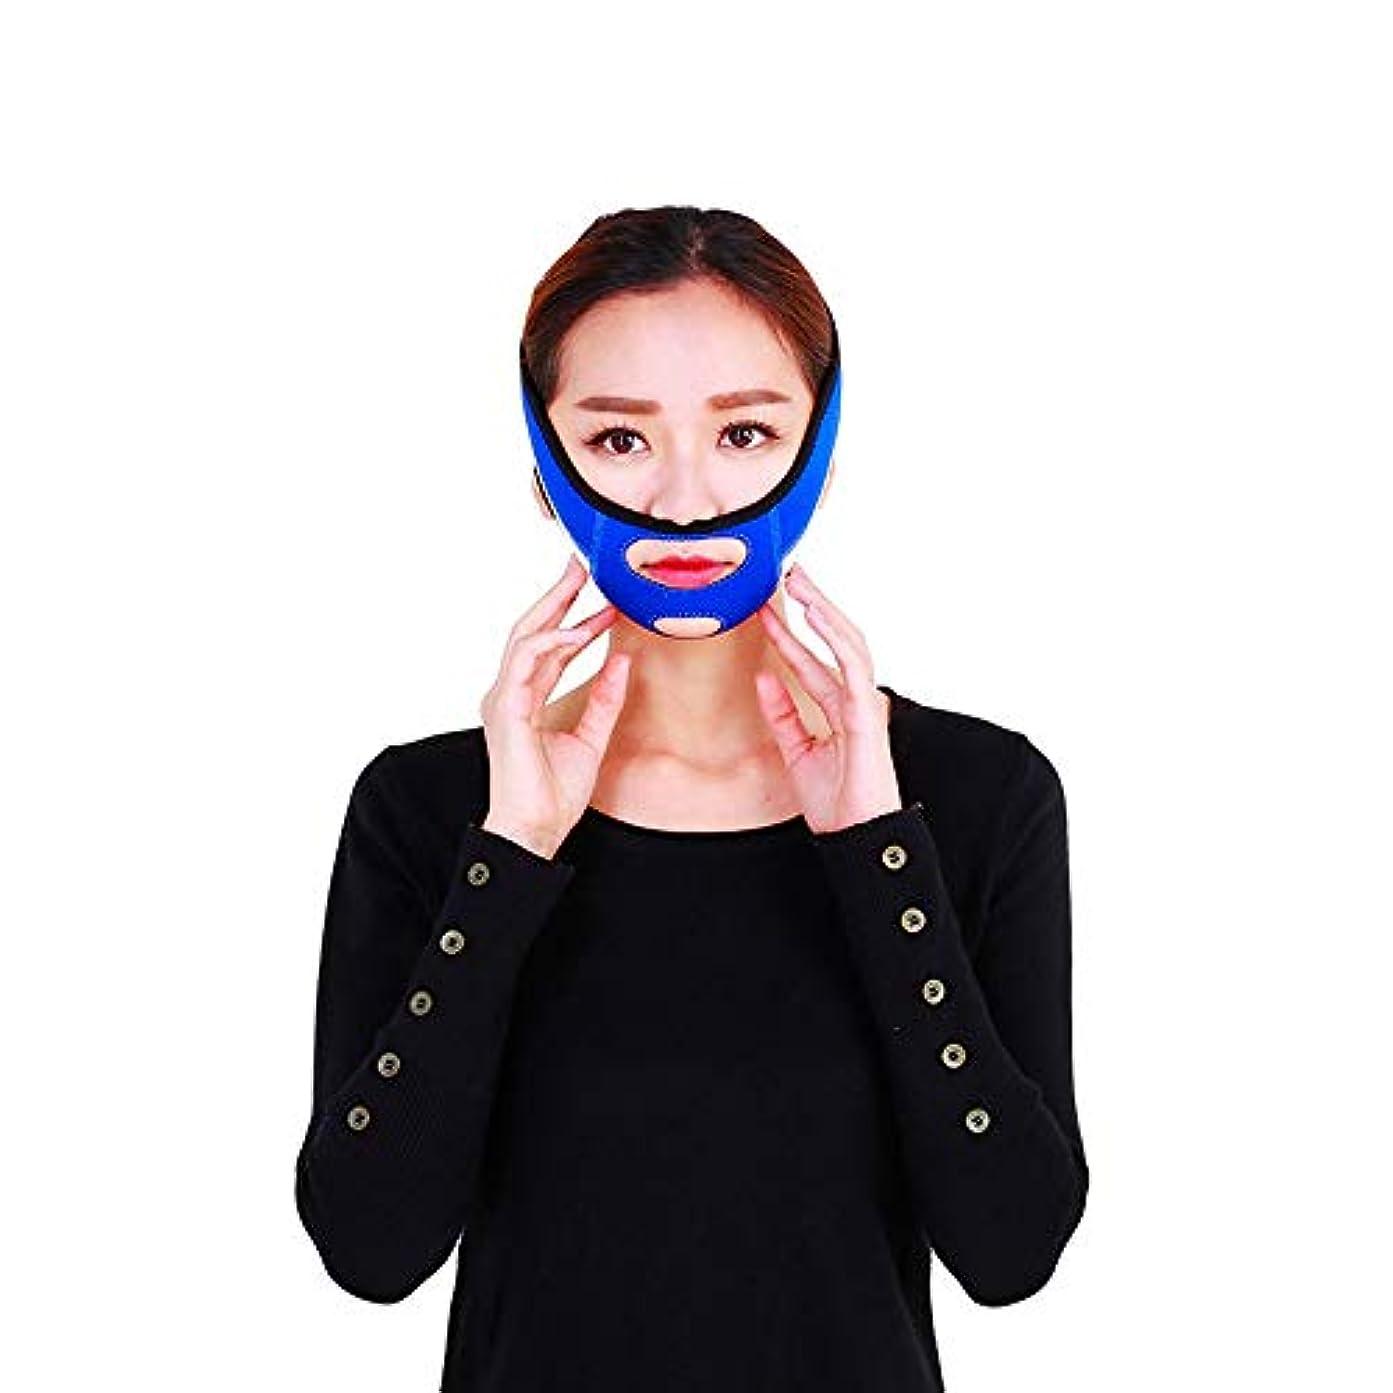 理解するミンチ手入れフェイシャルリフティング痩身ベルトフェーススリム二重あごを取り除くアンチエイジングリンクルフェイス包帯マスク整形マスクが顔を引き締める